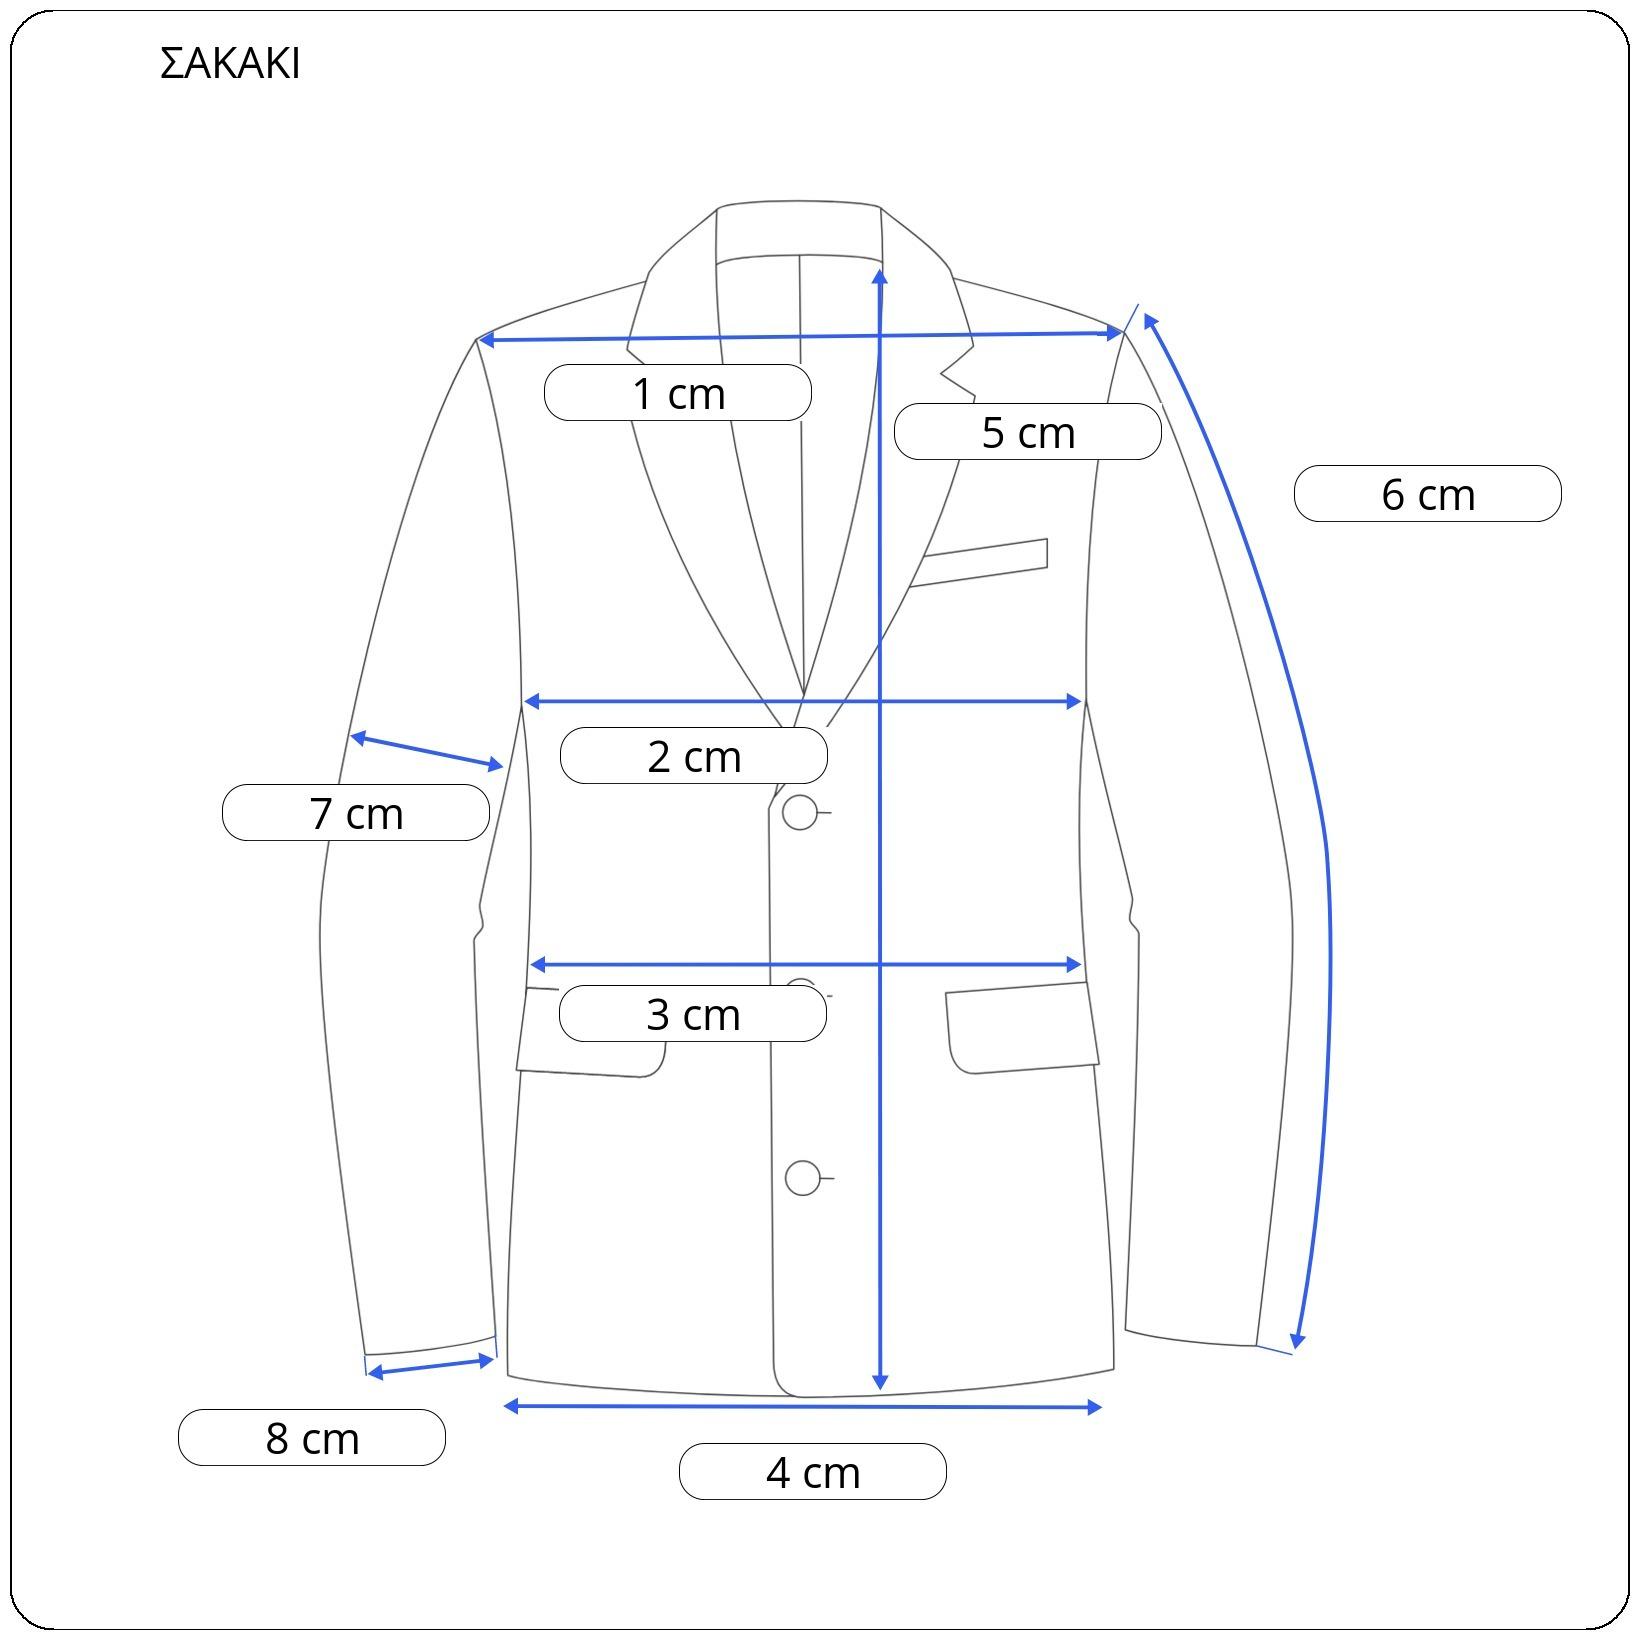 Ανδρικό Κοστούμι Μονόχρωμο Formal/Business Comfort Fit ARTISTI ITALIANI (11474/N01)